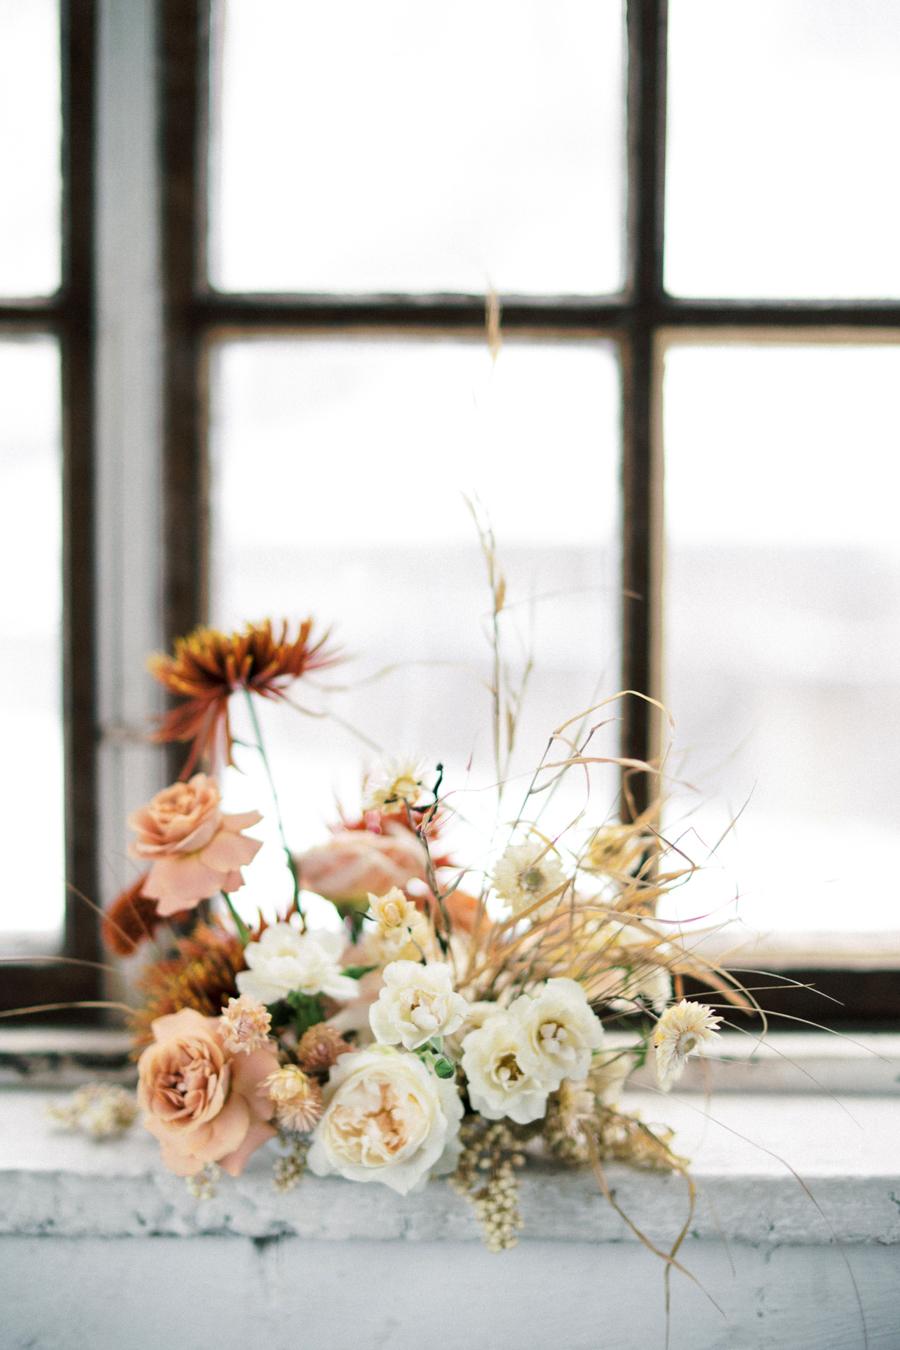 Hääkuvaus Musta Sali, Fiskars, Suomi, Häävalokuvaaja, Wedding Photography Fiskars, Finland, Destination Wedding Photographer, Nord & Mae, Helsinki